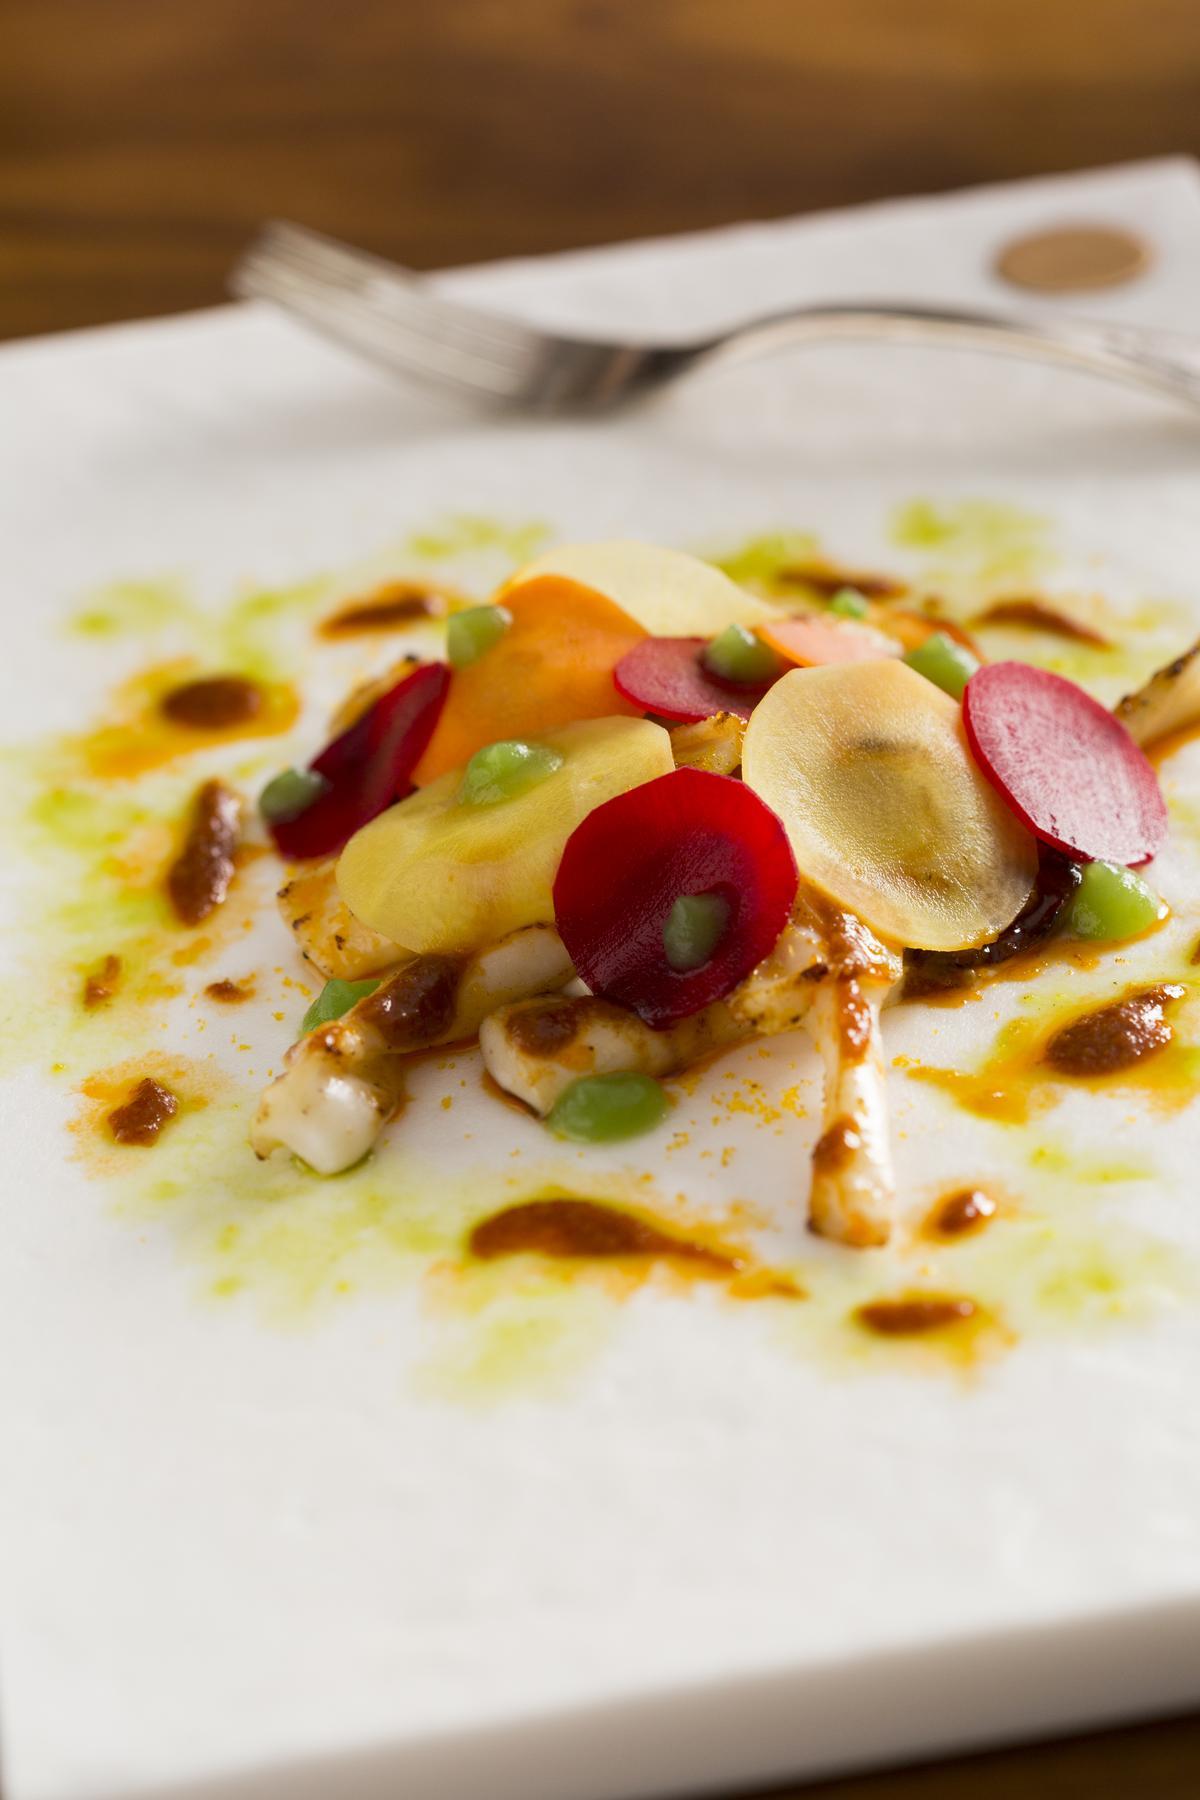 前菜「透抽」的海鮮滋味配著富有青草氣息的「霜降」入口,清爽宜人。(350元/份)